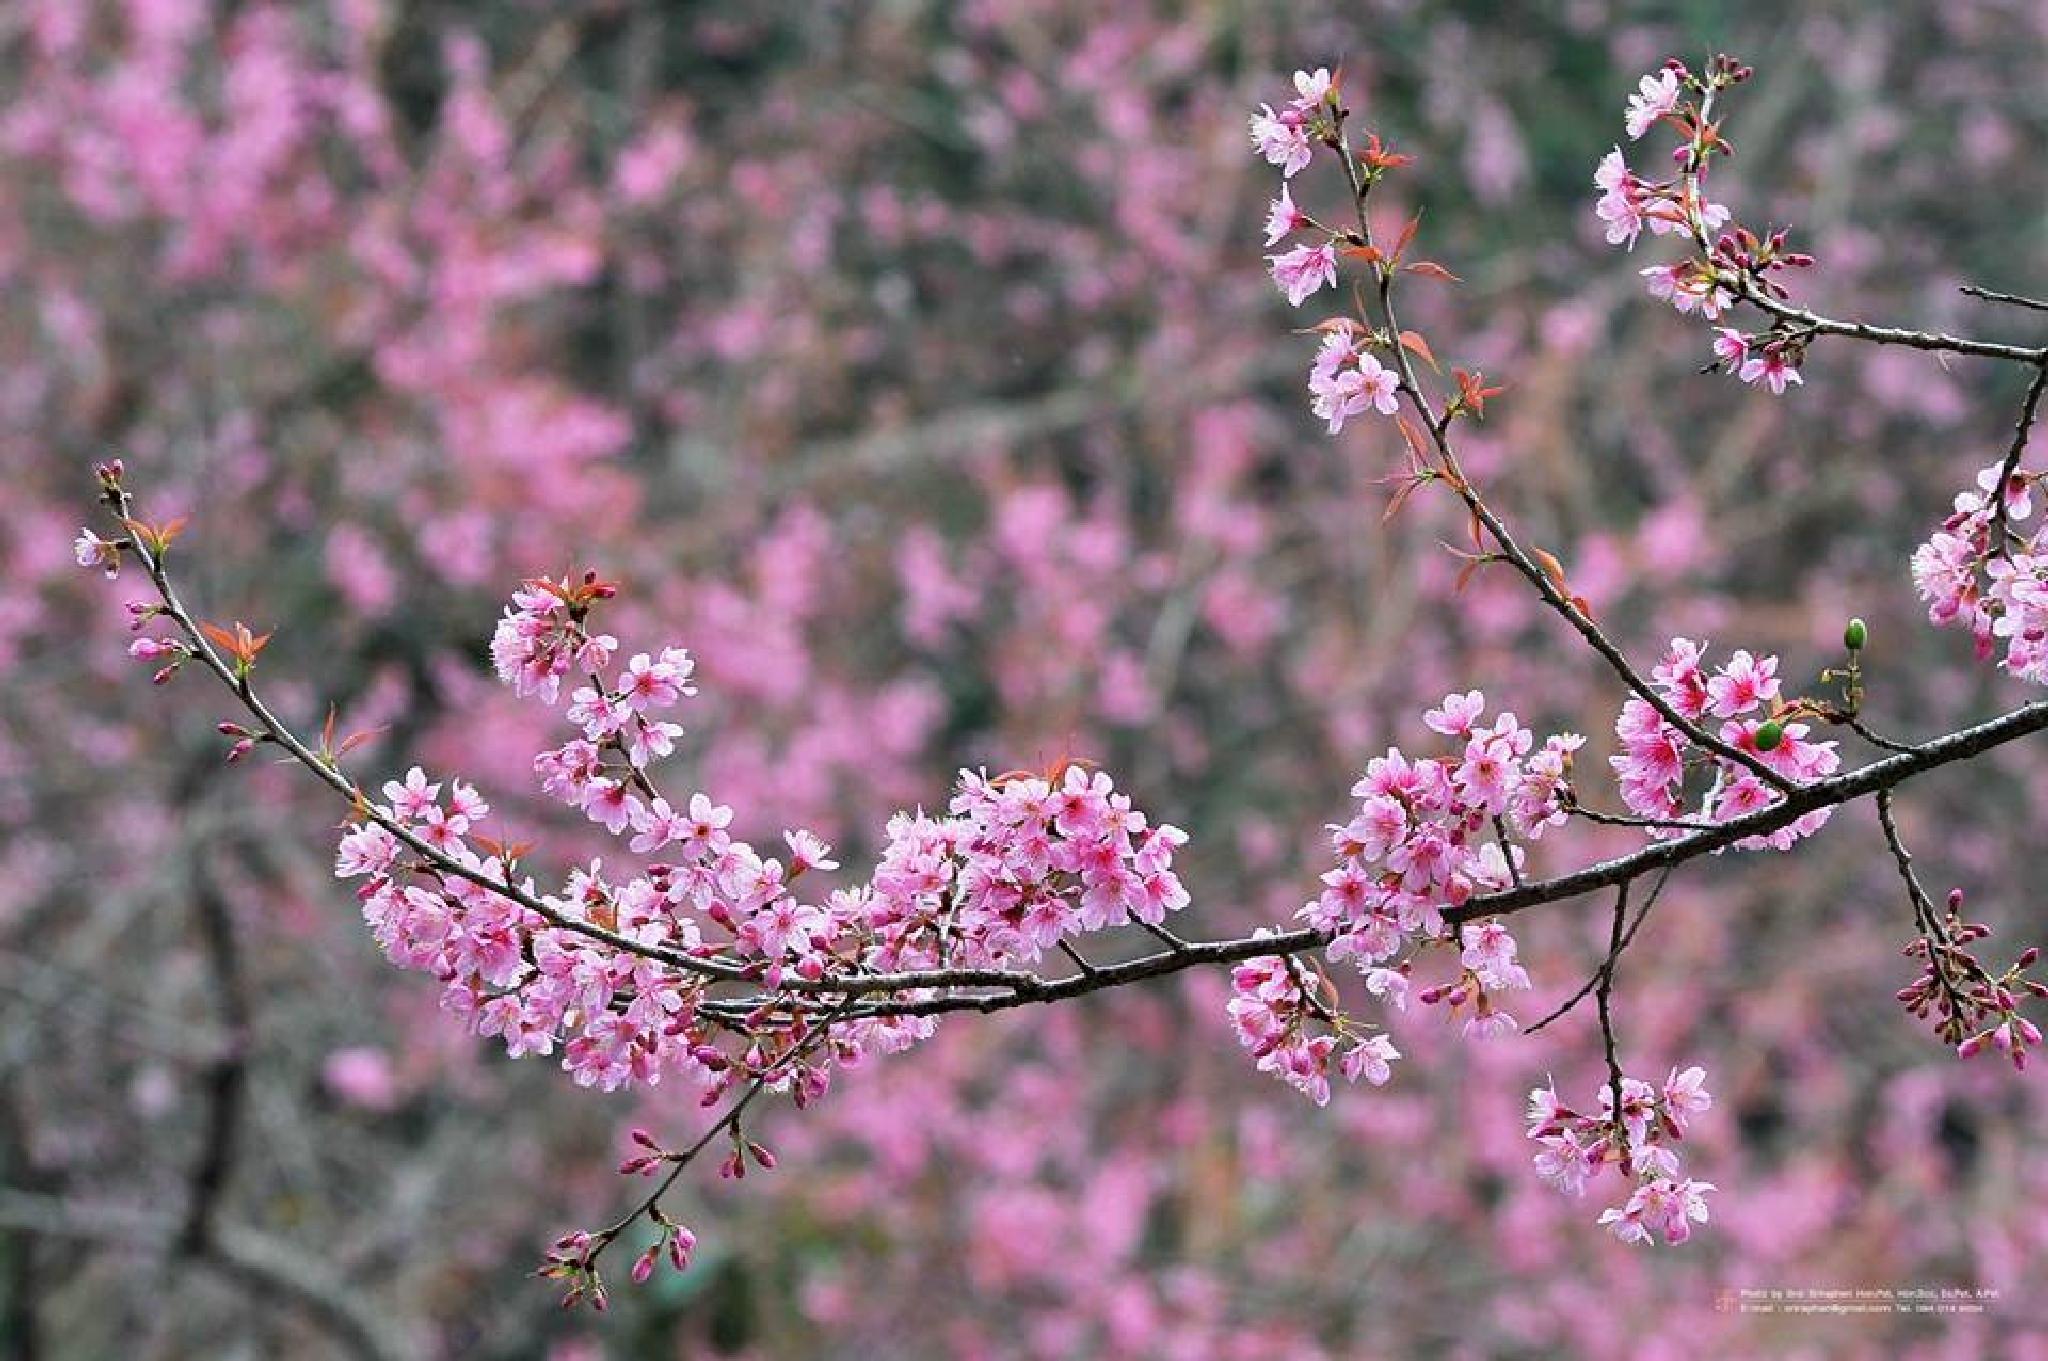 flowers by sroi sriraphen